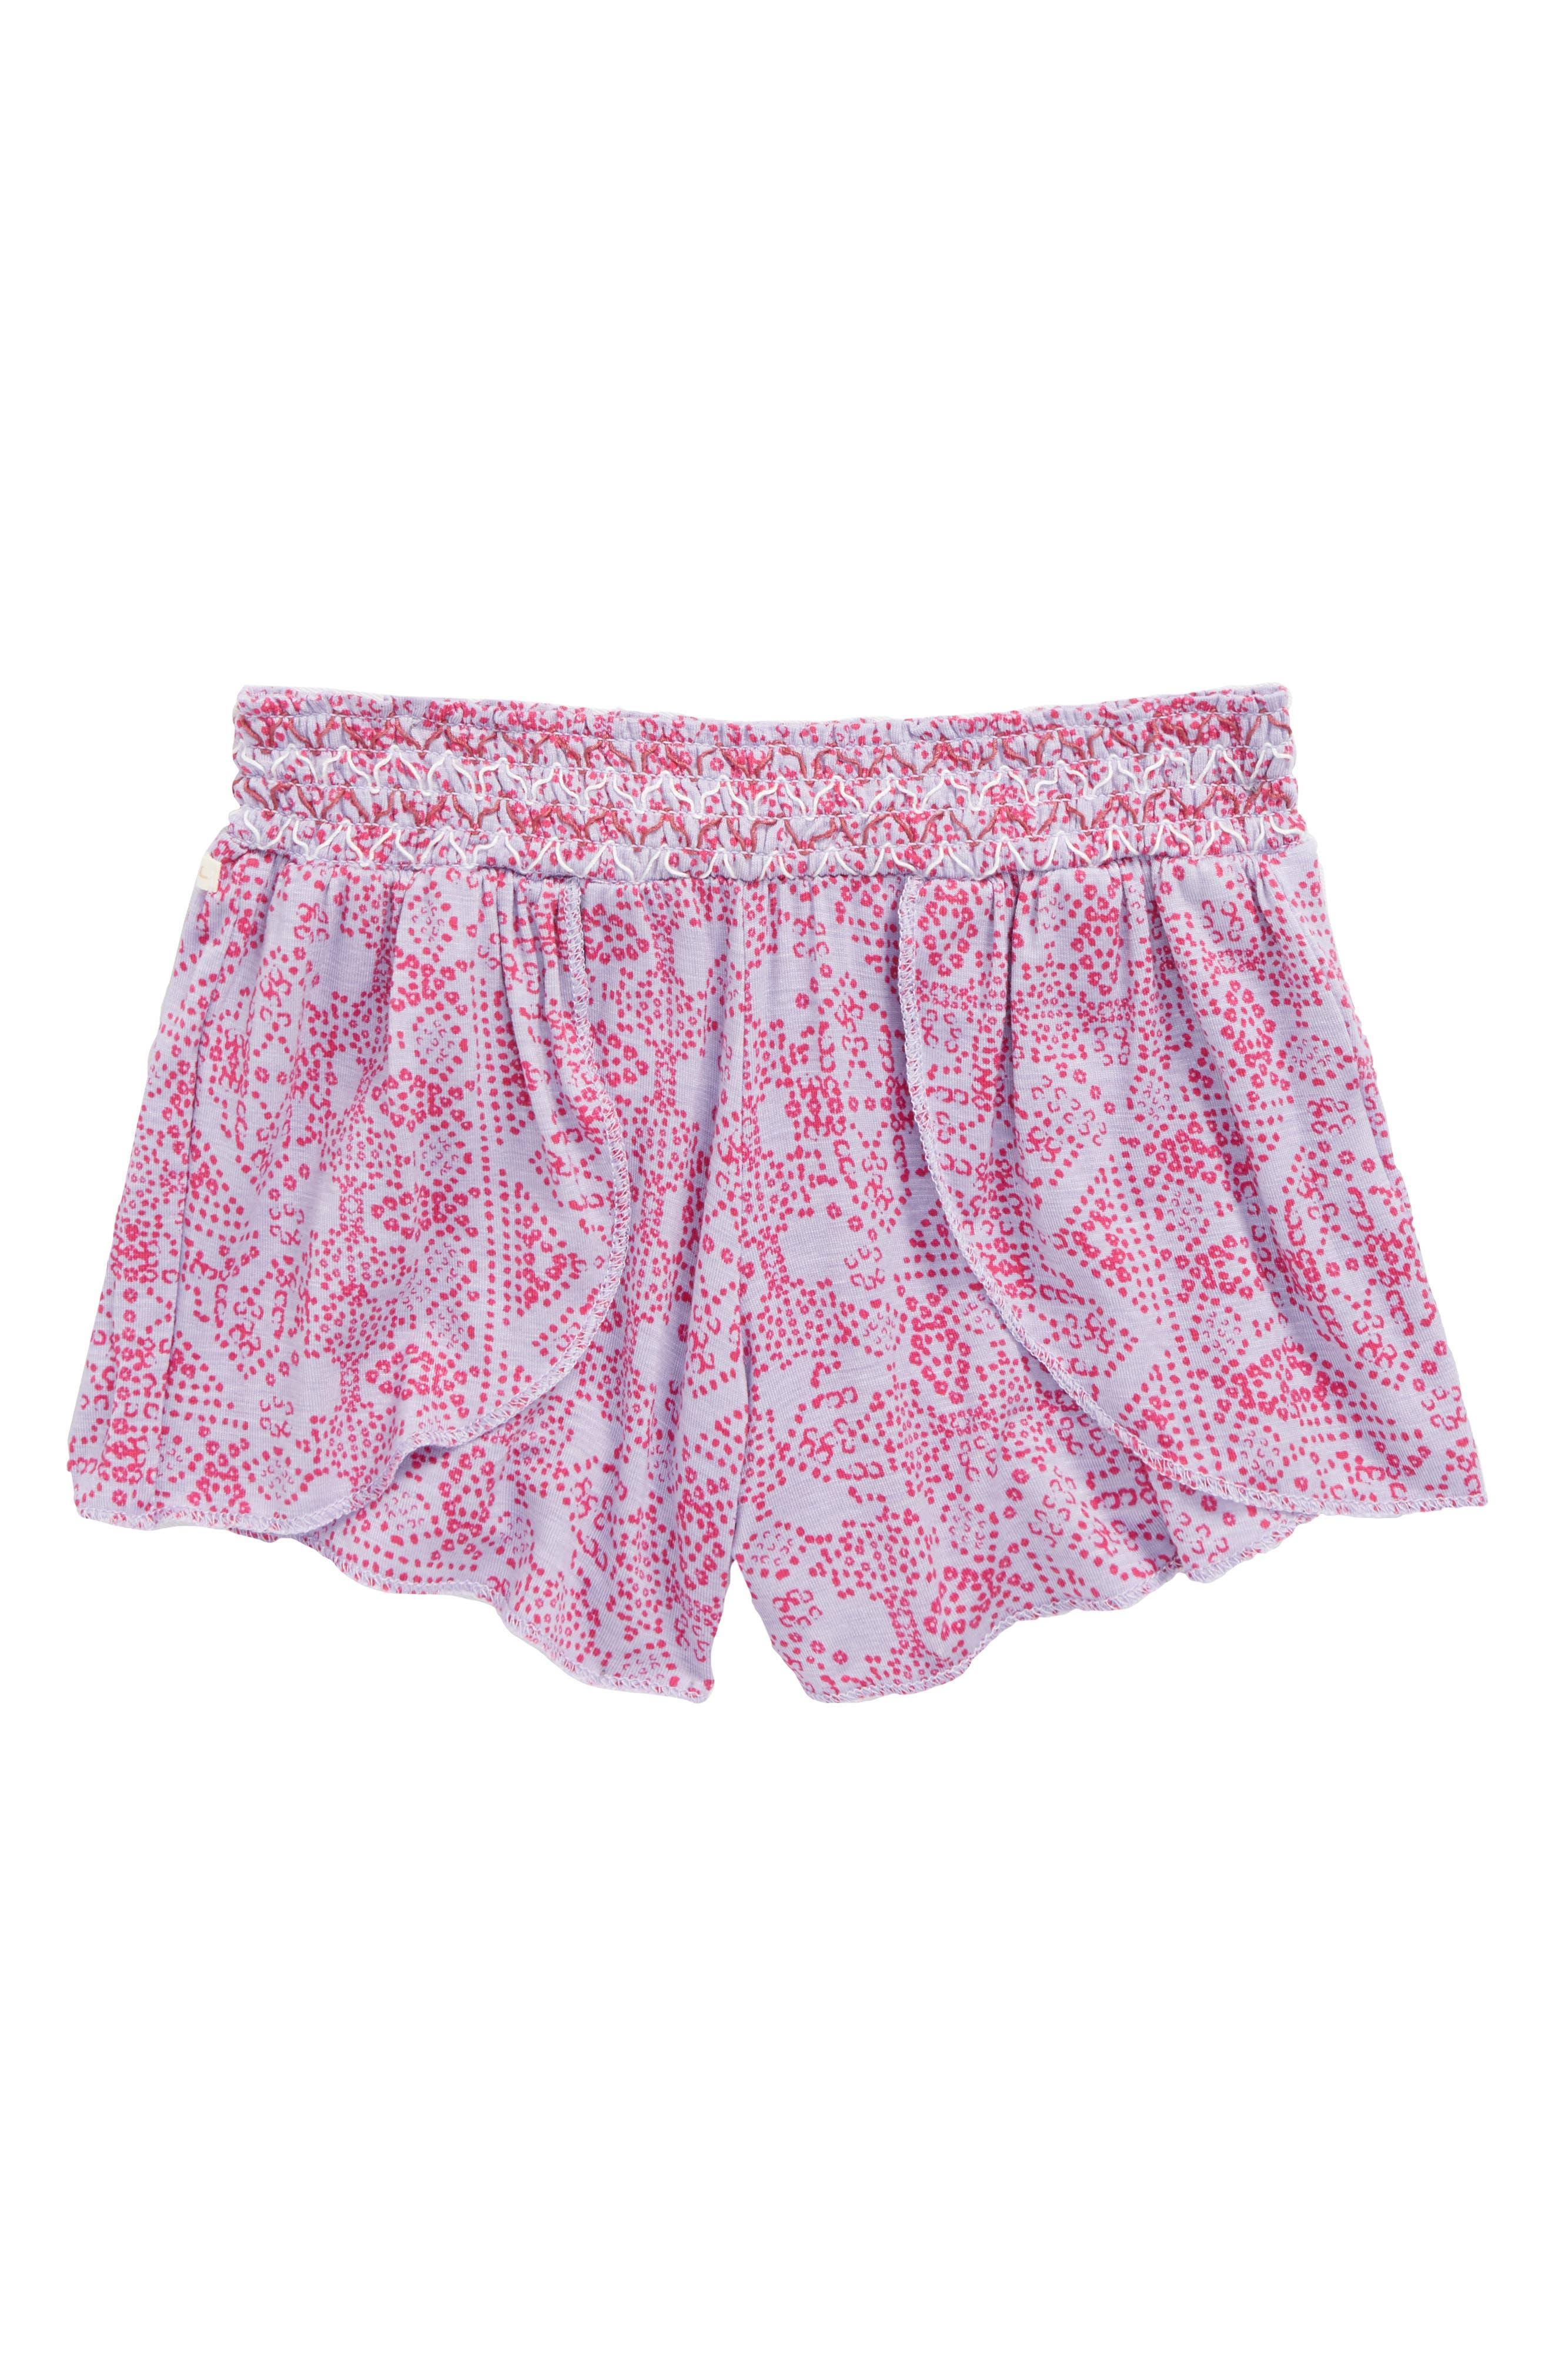 Dulce Smocked Shorts,                             Main thumbnail 1, color,